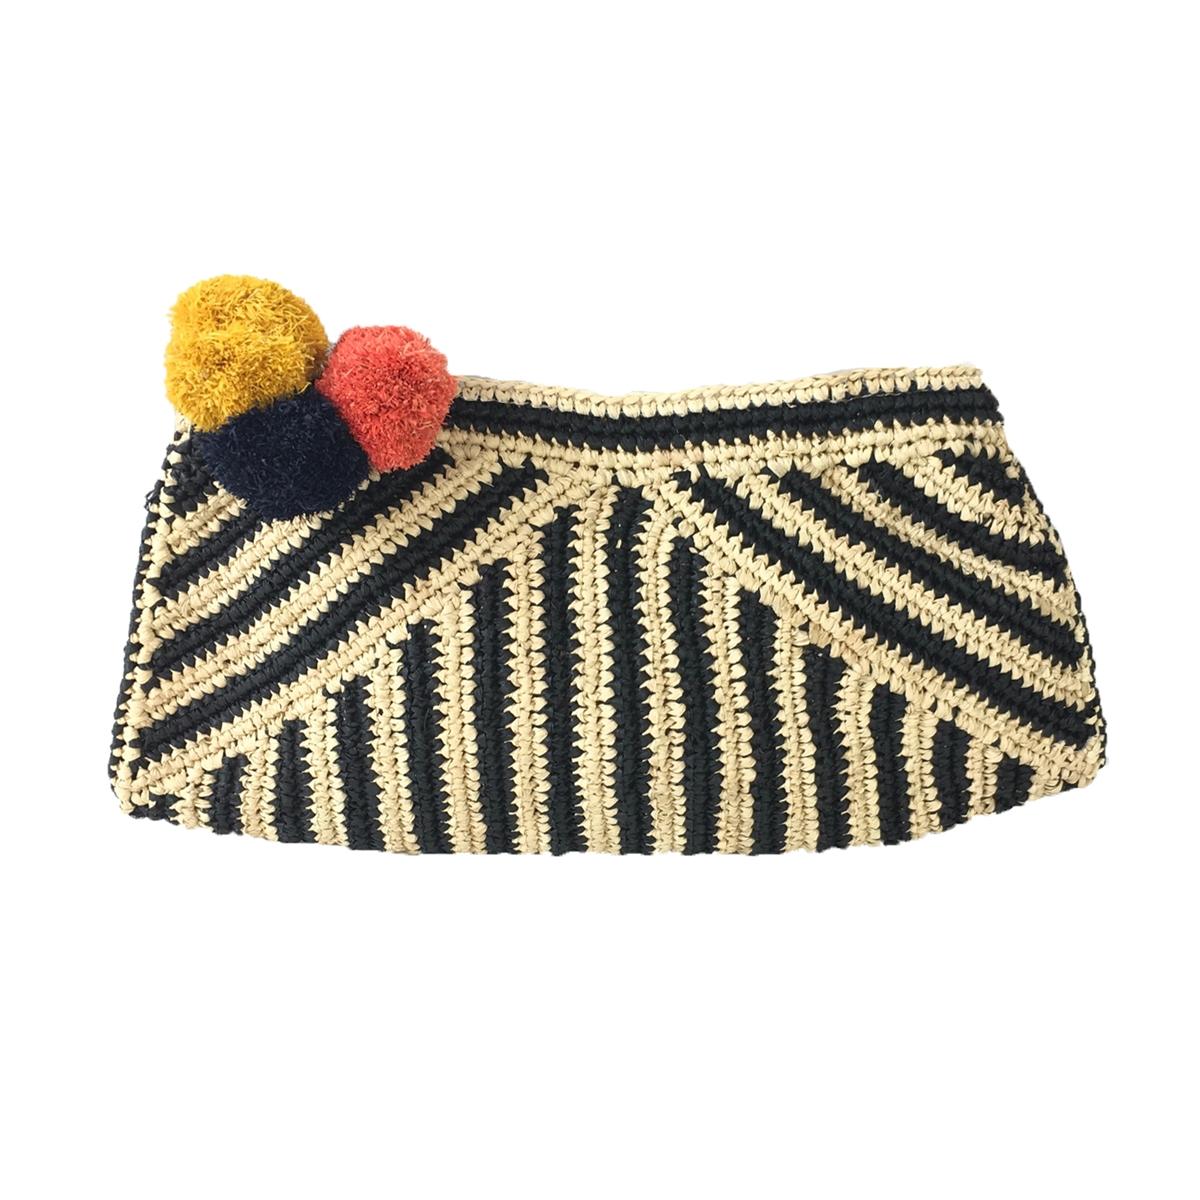 e60c165201ef9 Mar Y Sol Sonia Pom Pom Crochet Raffia Clutch